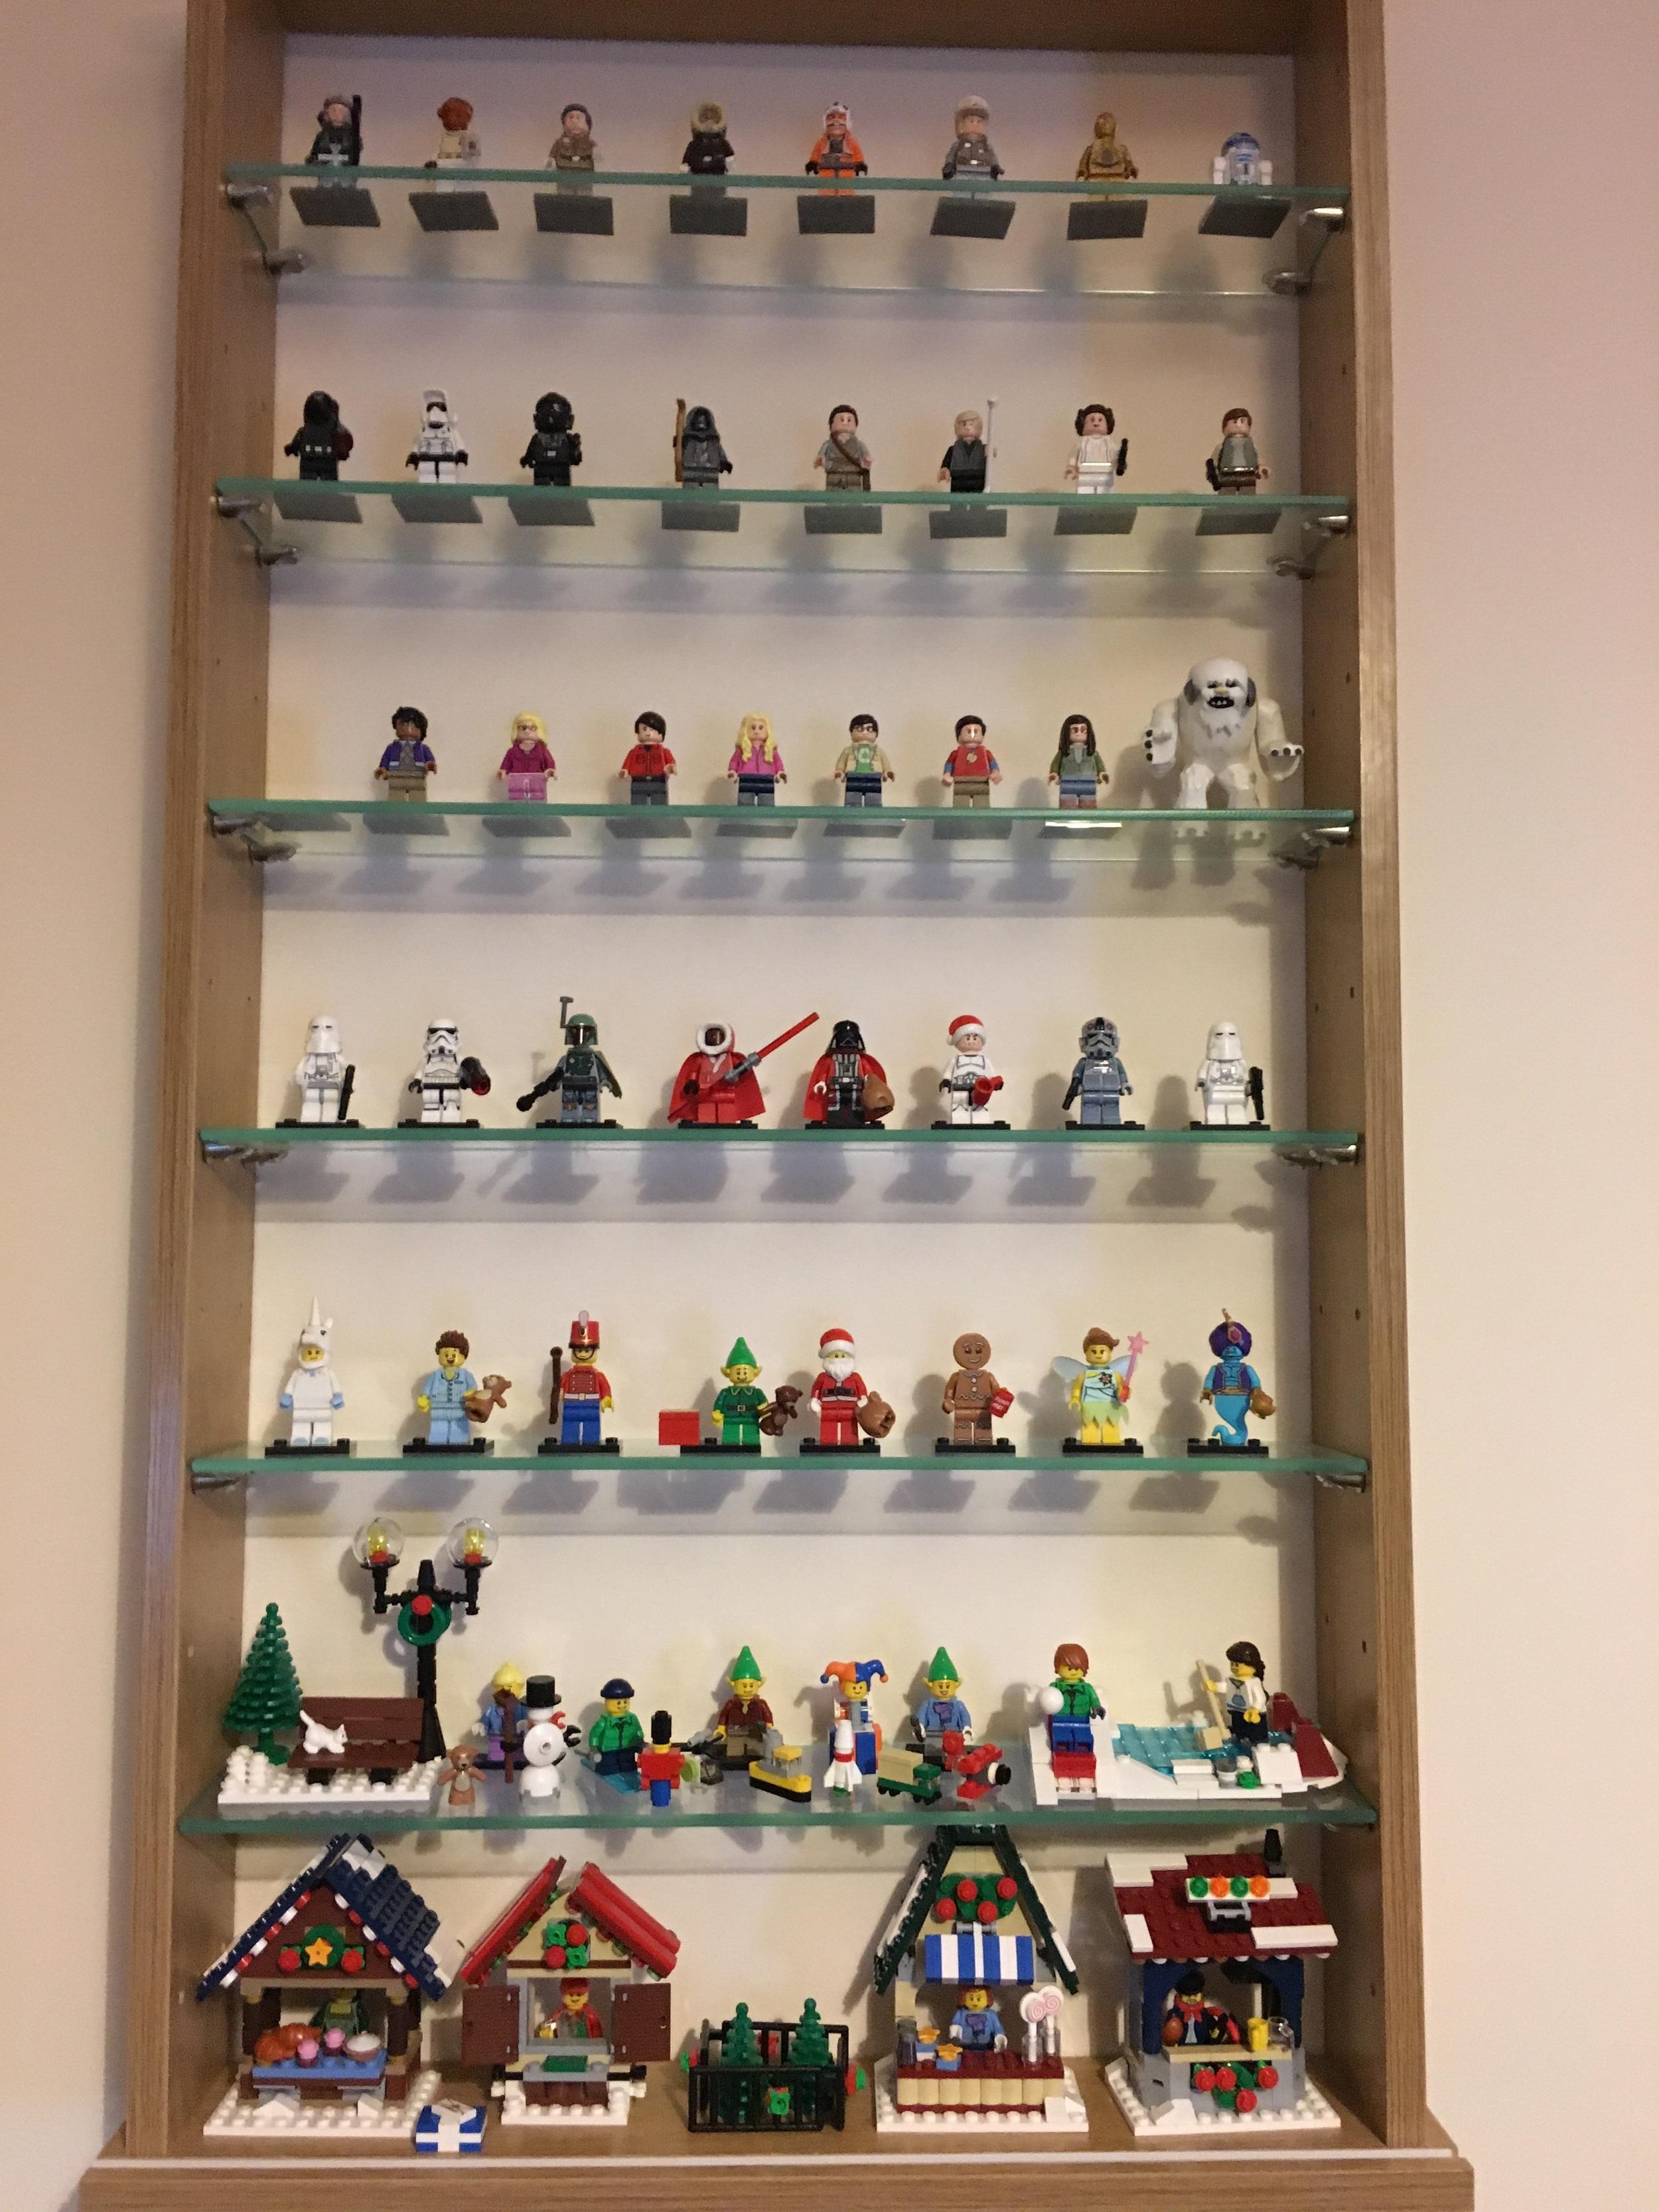 Our Christmas Lego Minifigure Display